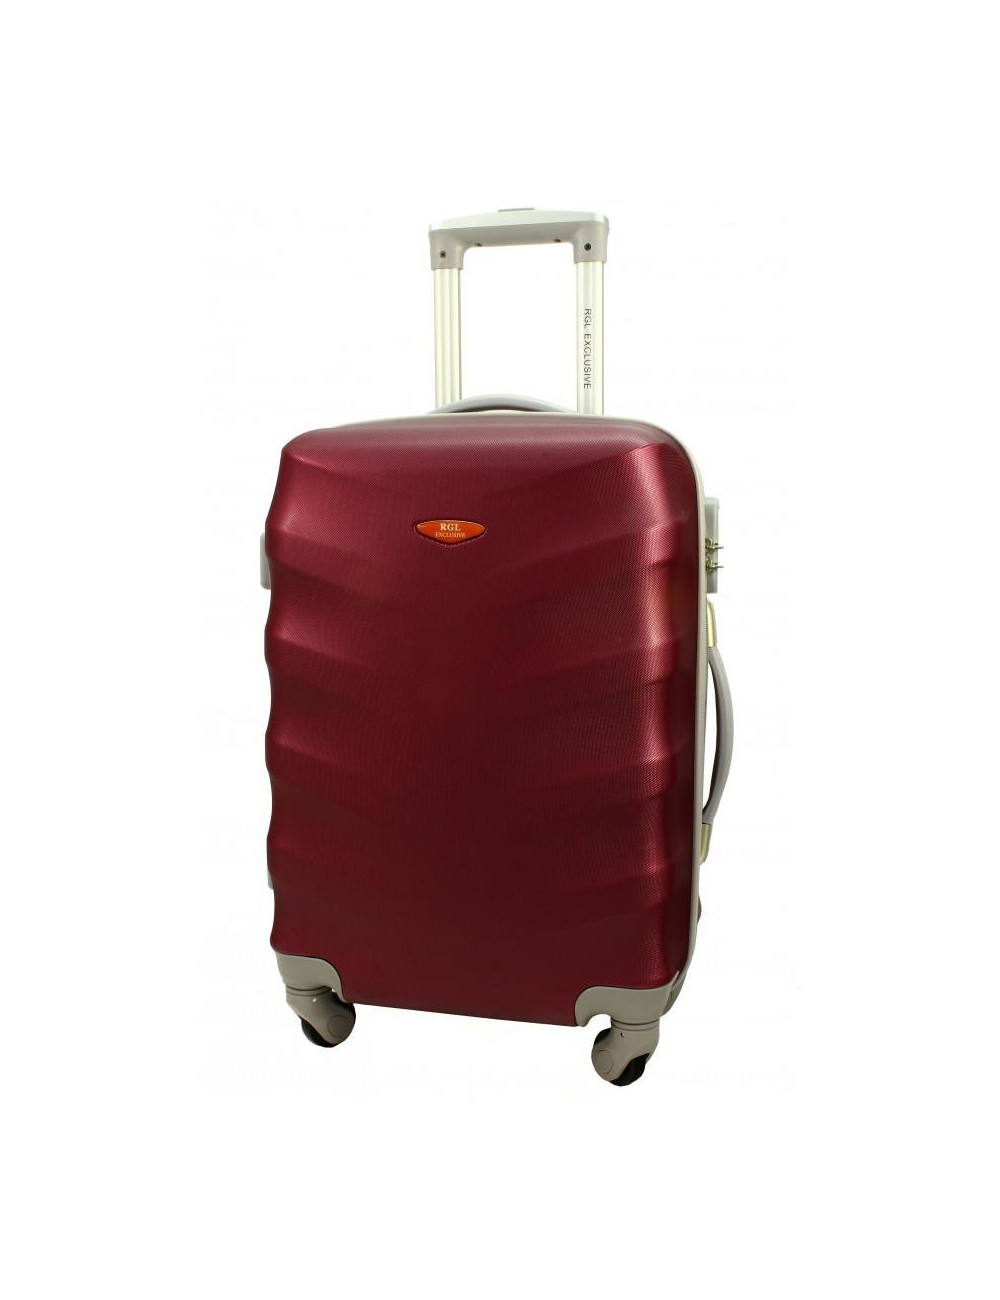 f0ff57b8f62dc Walizki i torby podrózne, Bagaże podręczne